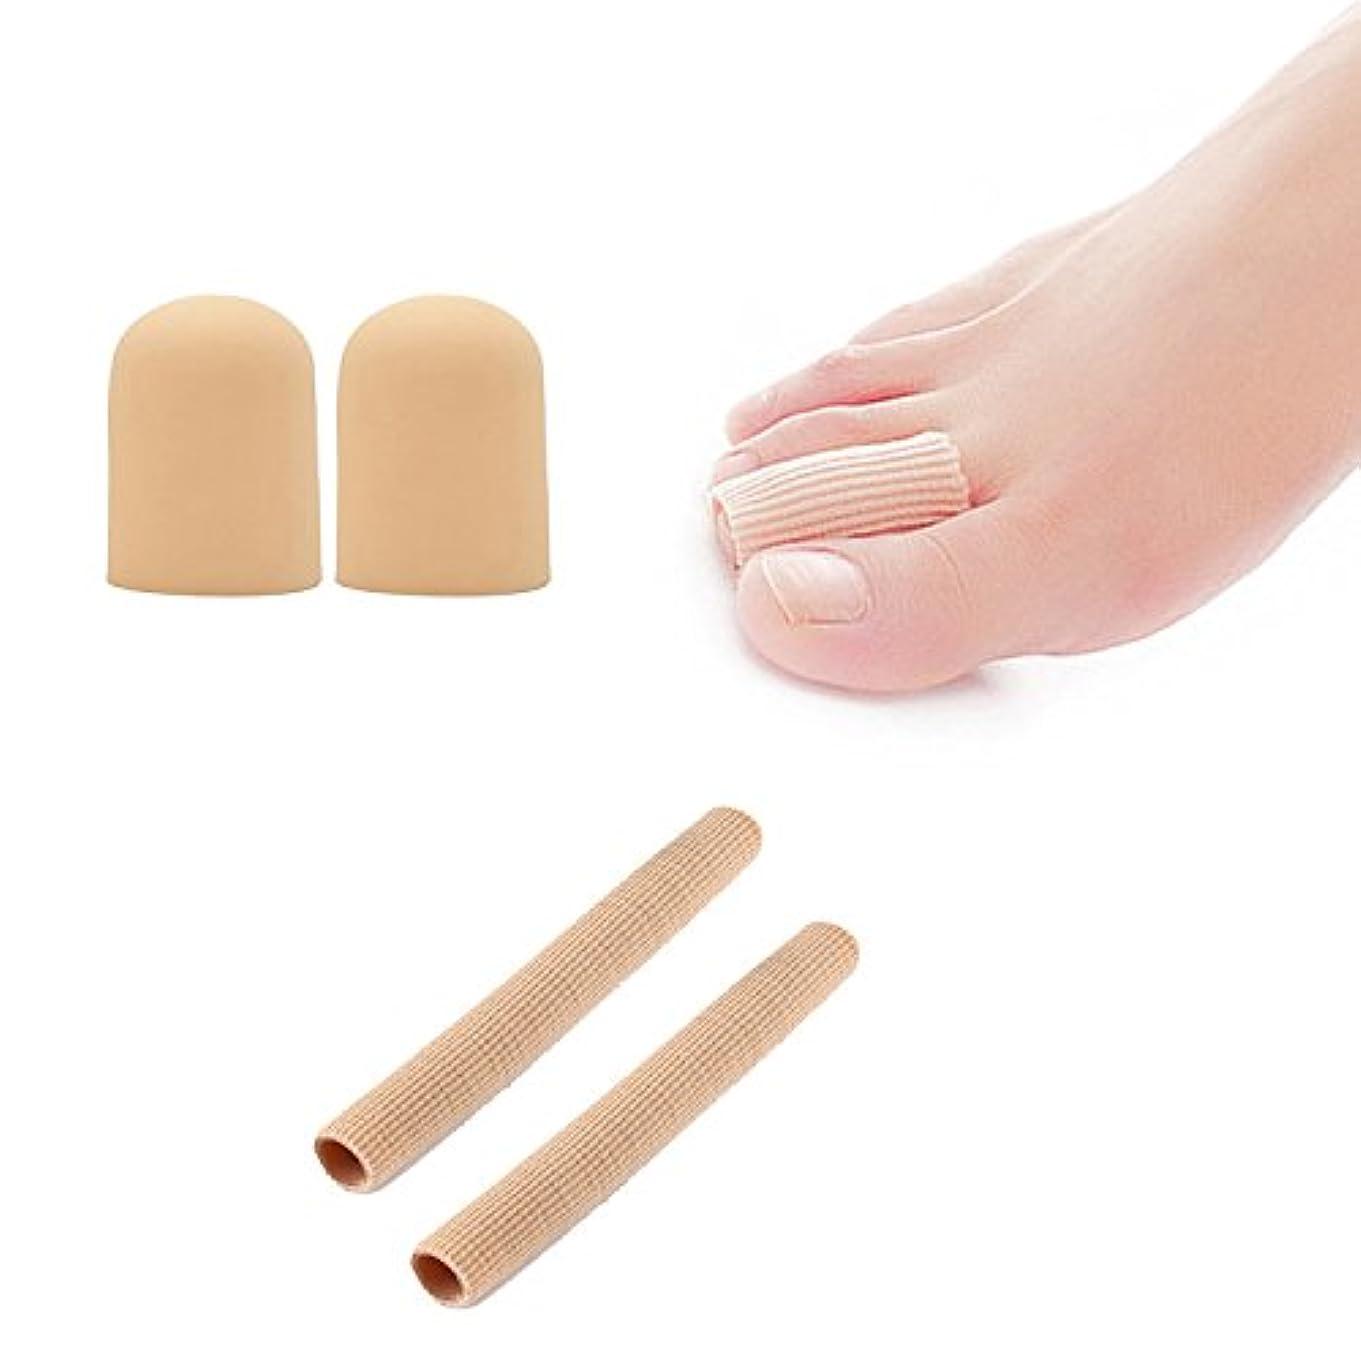 差し迫った形式隔離する足指保護キャップ つま先プロテクター 足先のつめ保護キャップ シリコン 調整可能